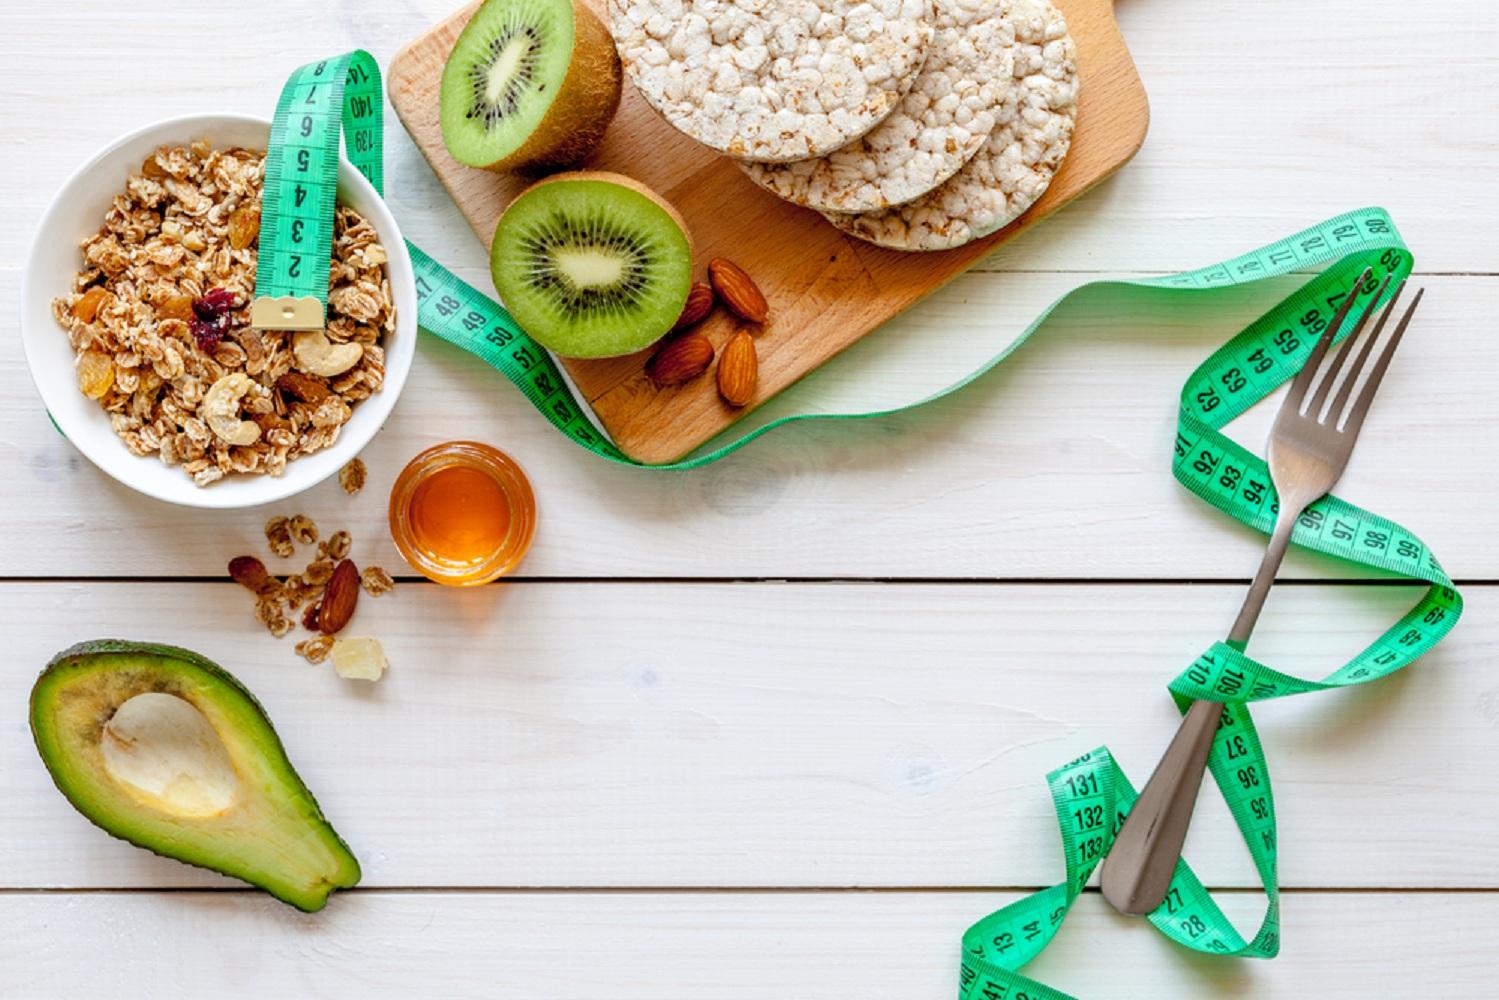 poți să mănânci cereale pierde în greutate pierdere în greutate neexplicată de 30 lbs